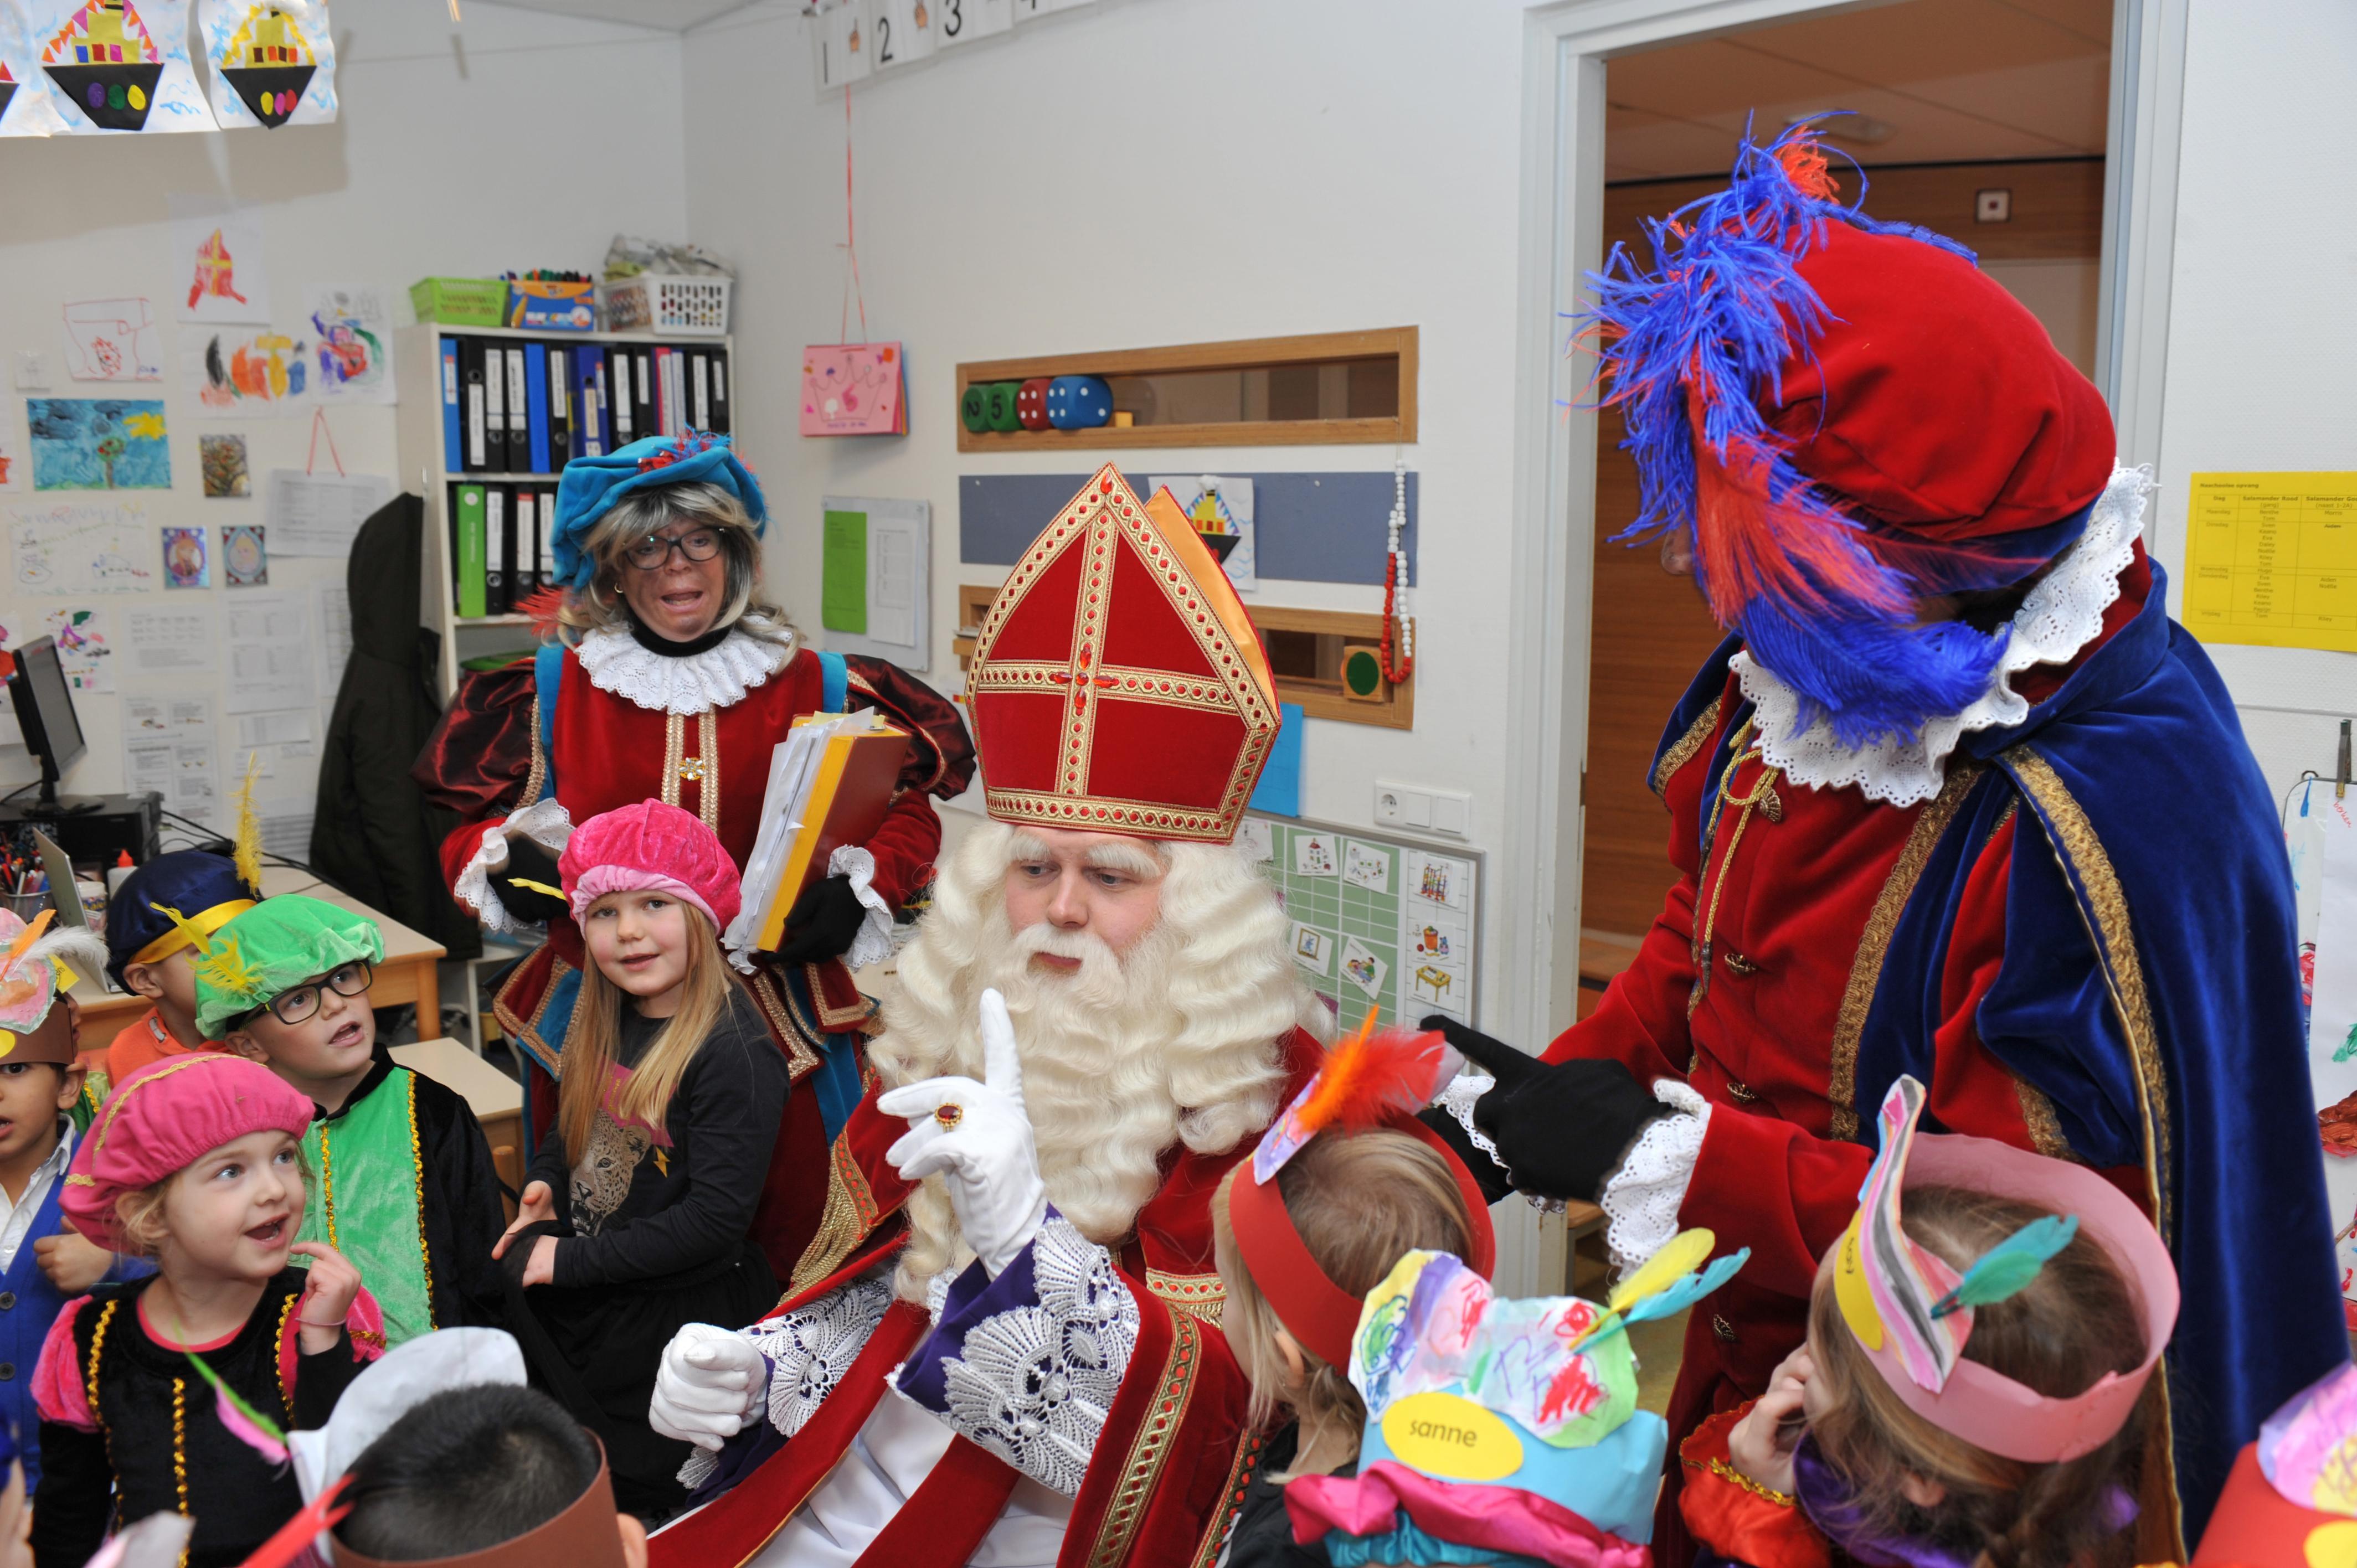 Sinterklaas duikt uit het niets op in basisschool De Zeester in Beverwijk. 'Het is een gemis dat de ouders er niet bij mochten zijn, maar heel fijn dat de kinderen Sinterklaas wel hebben kunnen zien'